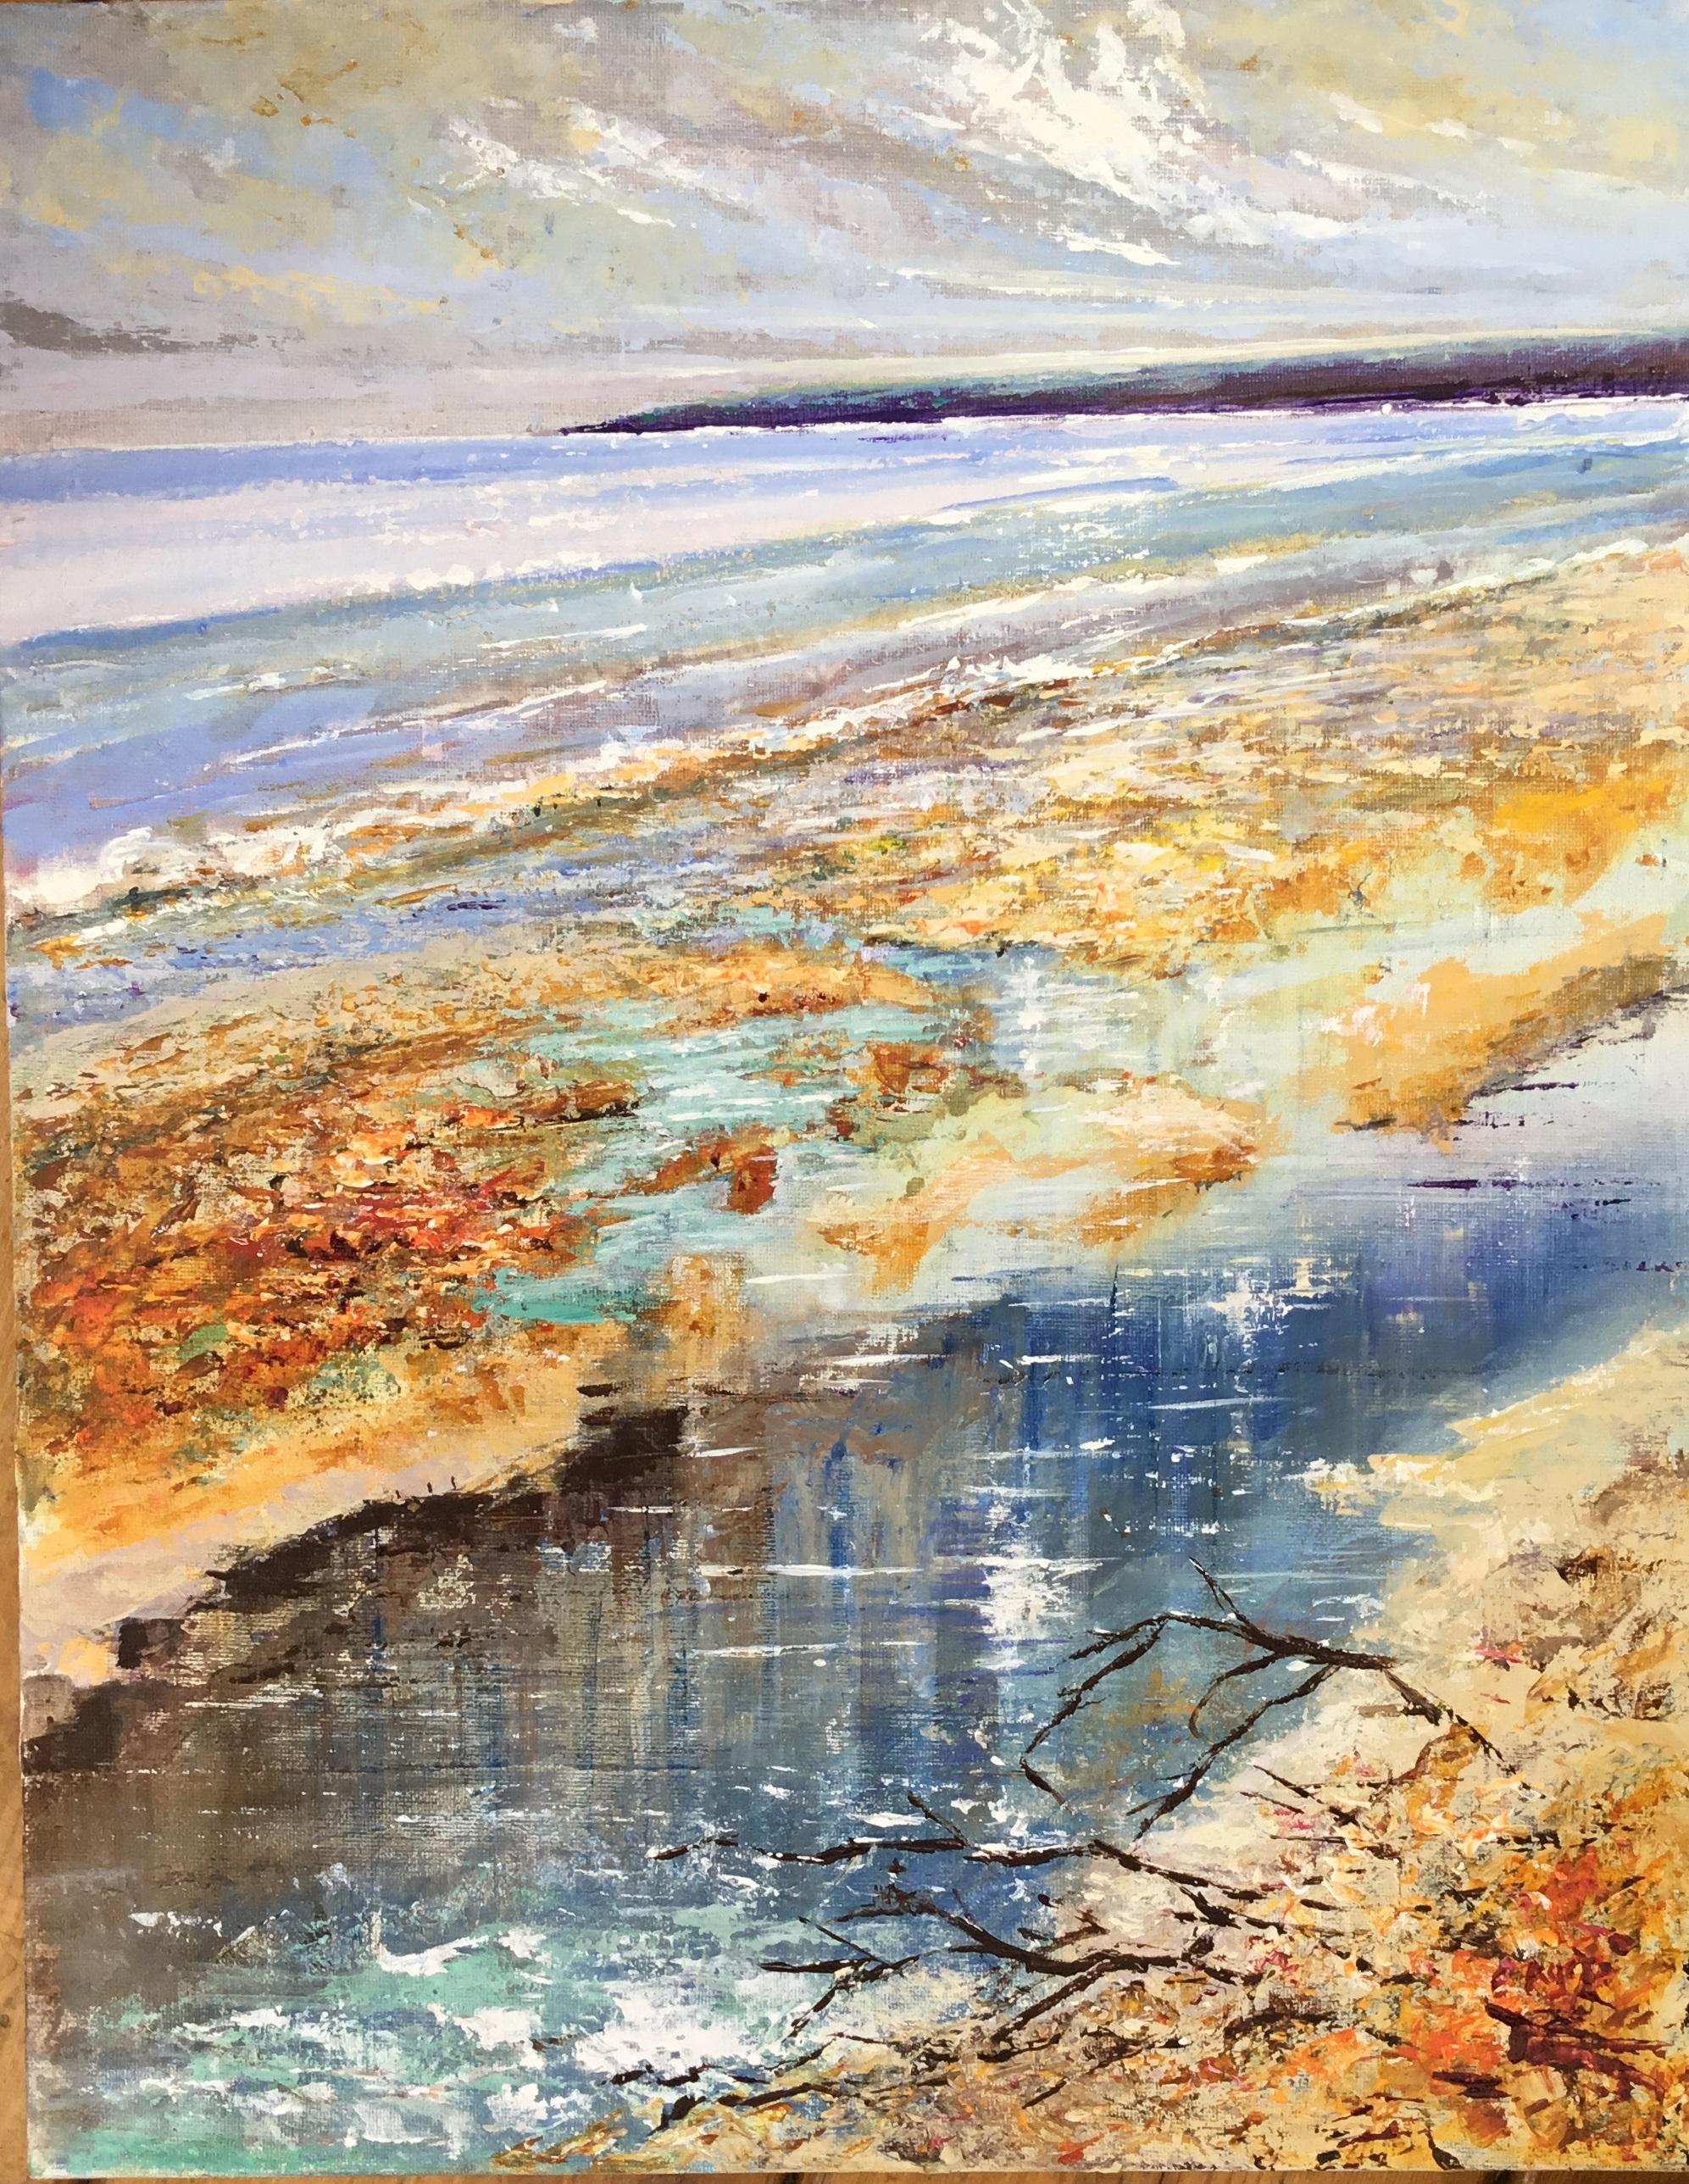 Tidal pool  exe estuary sept 2018